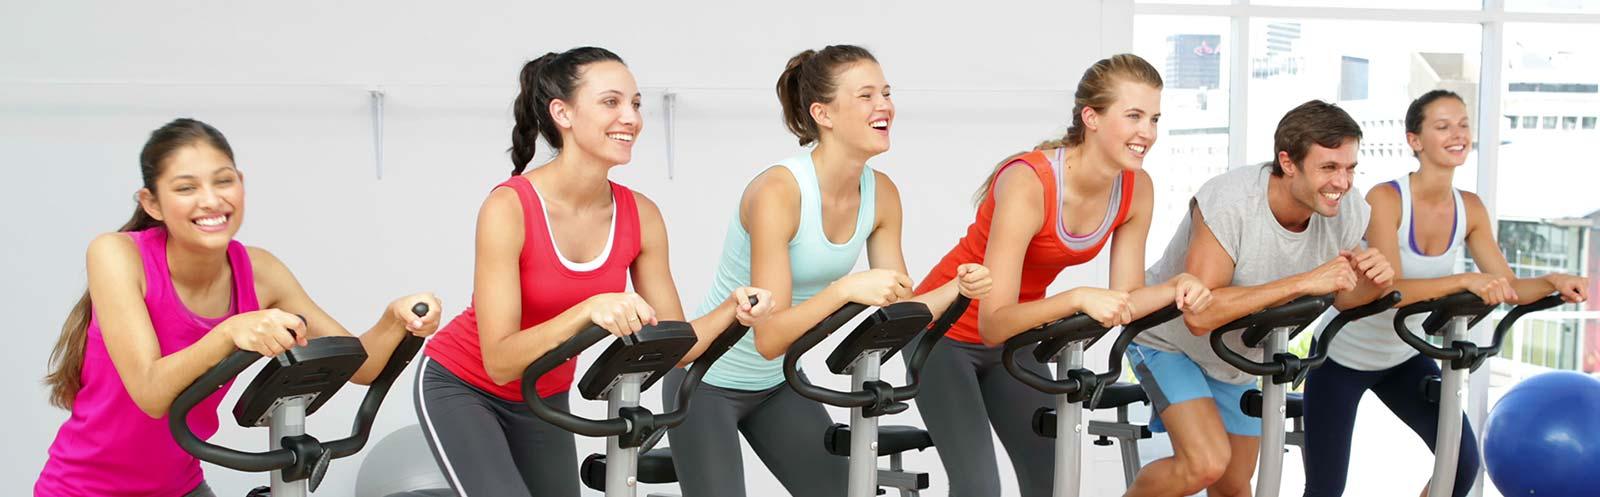 Quais são os melhores exercícios para queimar gordura e perder peso?